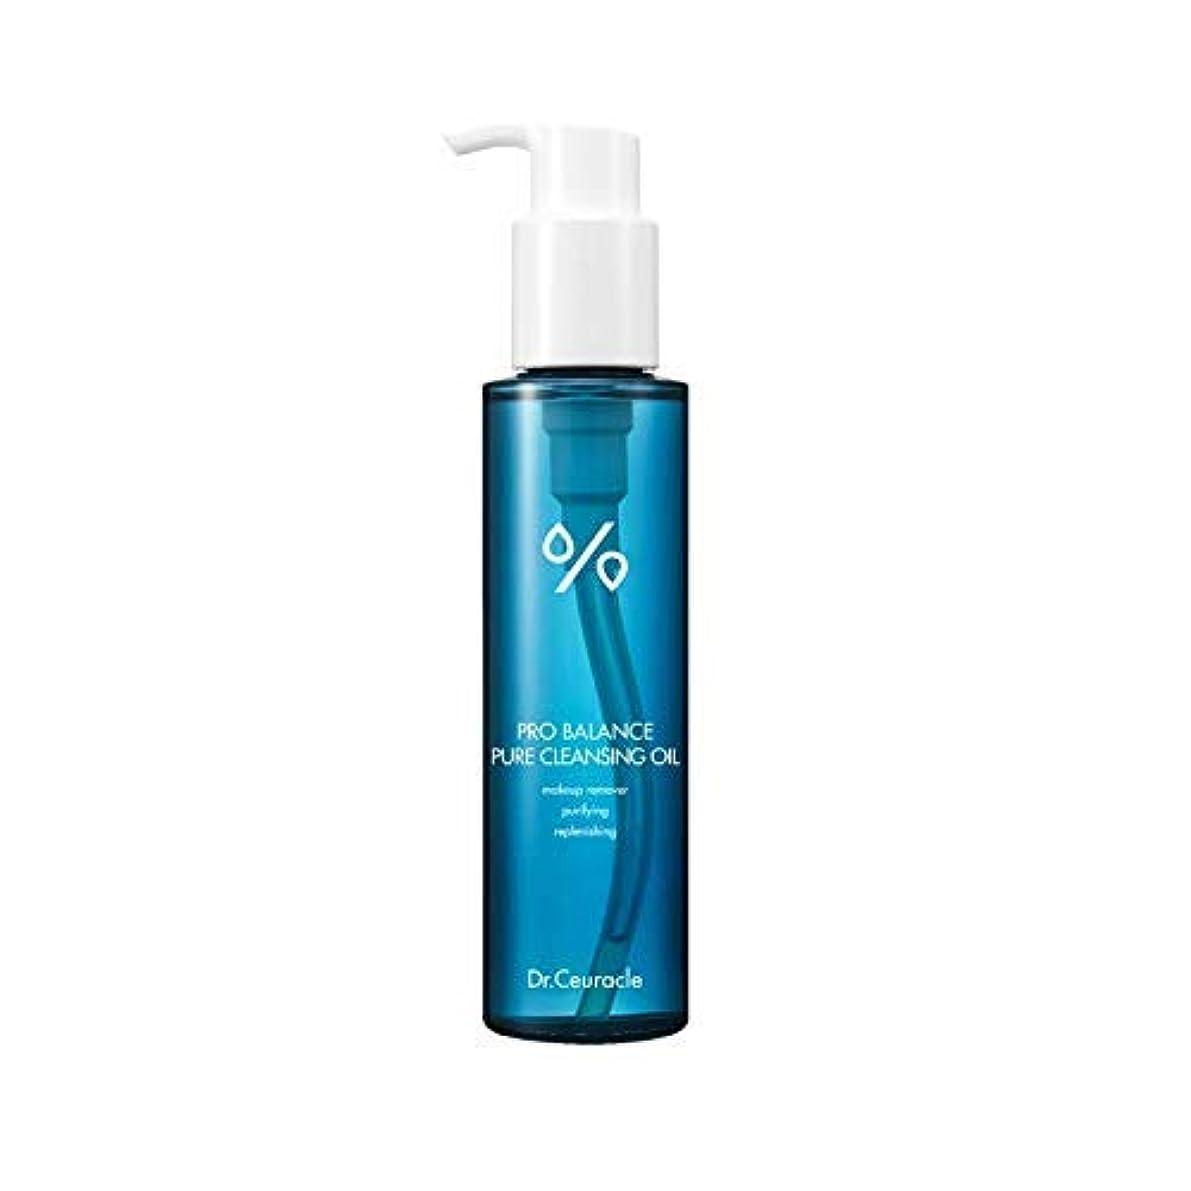 スライスモジュール展開するDr.Ceuracle[ドクター·シュラクル] プロ バランス ピュア クレンジング オイル/Pro Balance Pure Cleansing Oil (155ml) [並行輸入品]